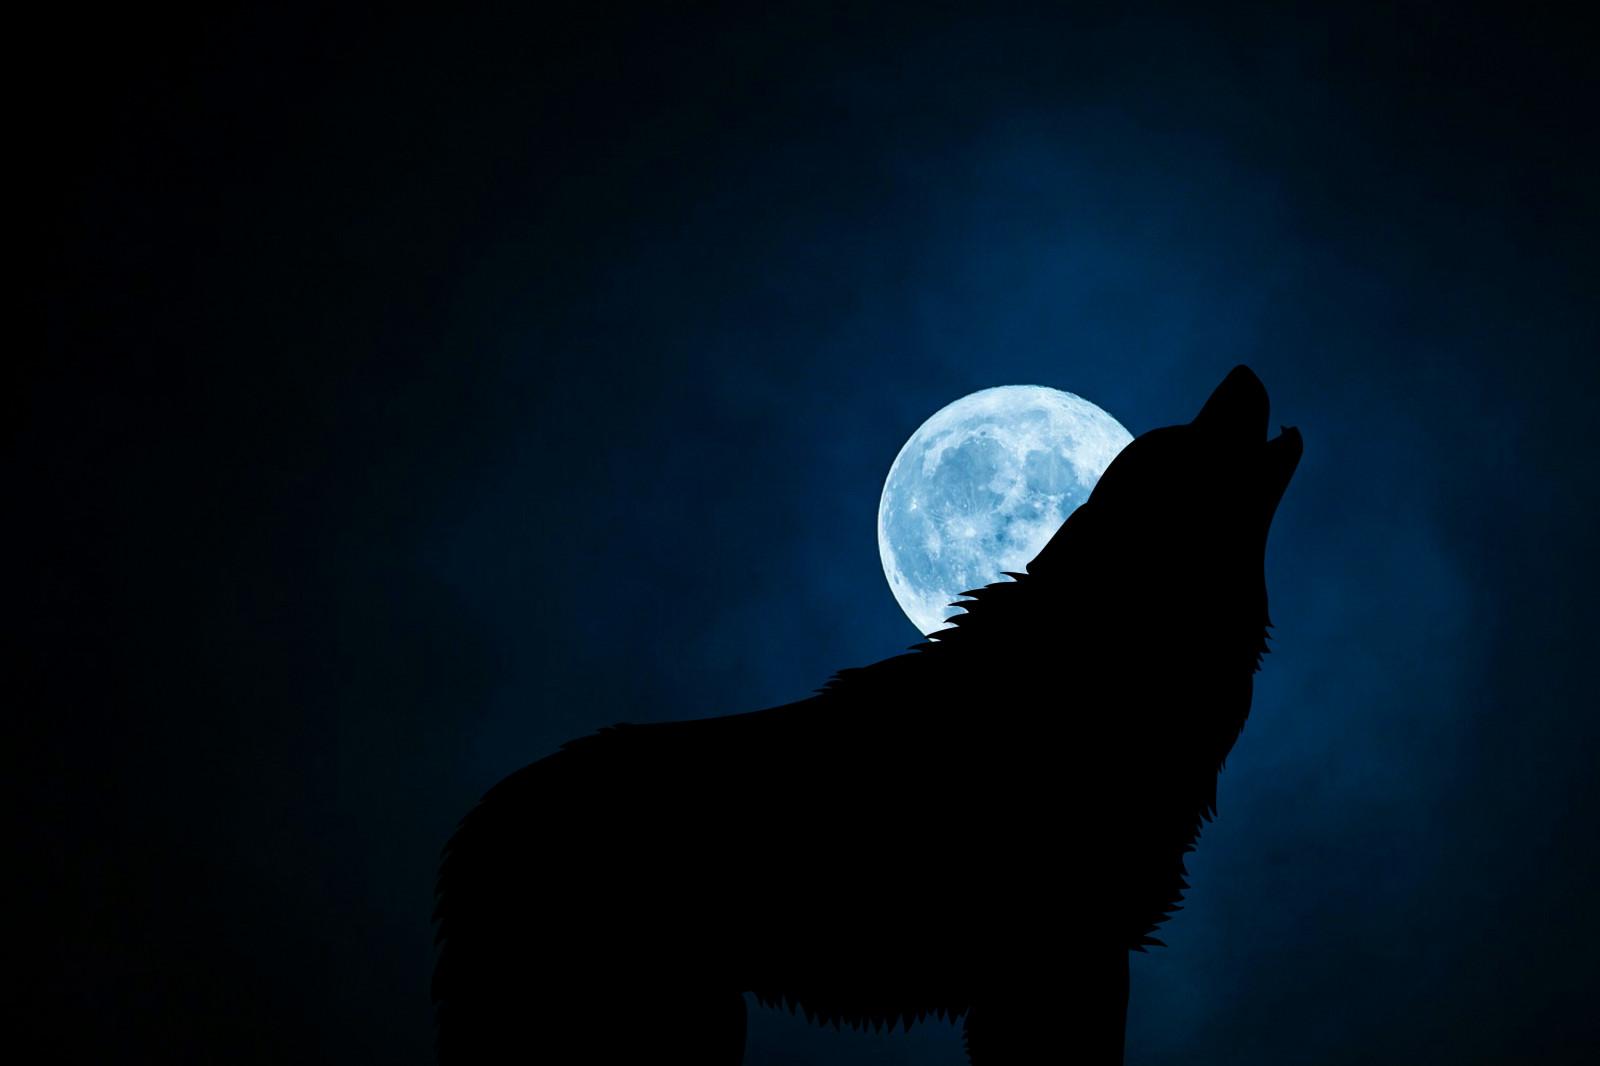 Картинки с полной луной и волком, домиком